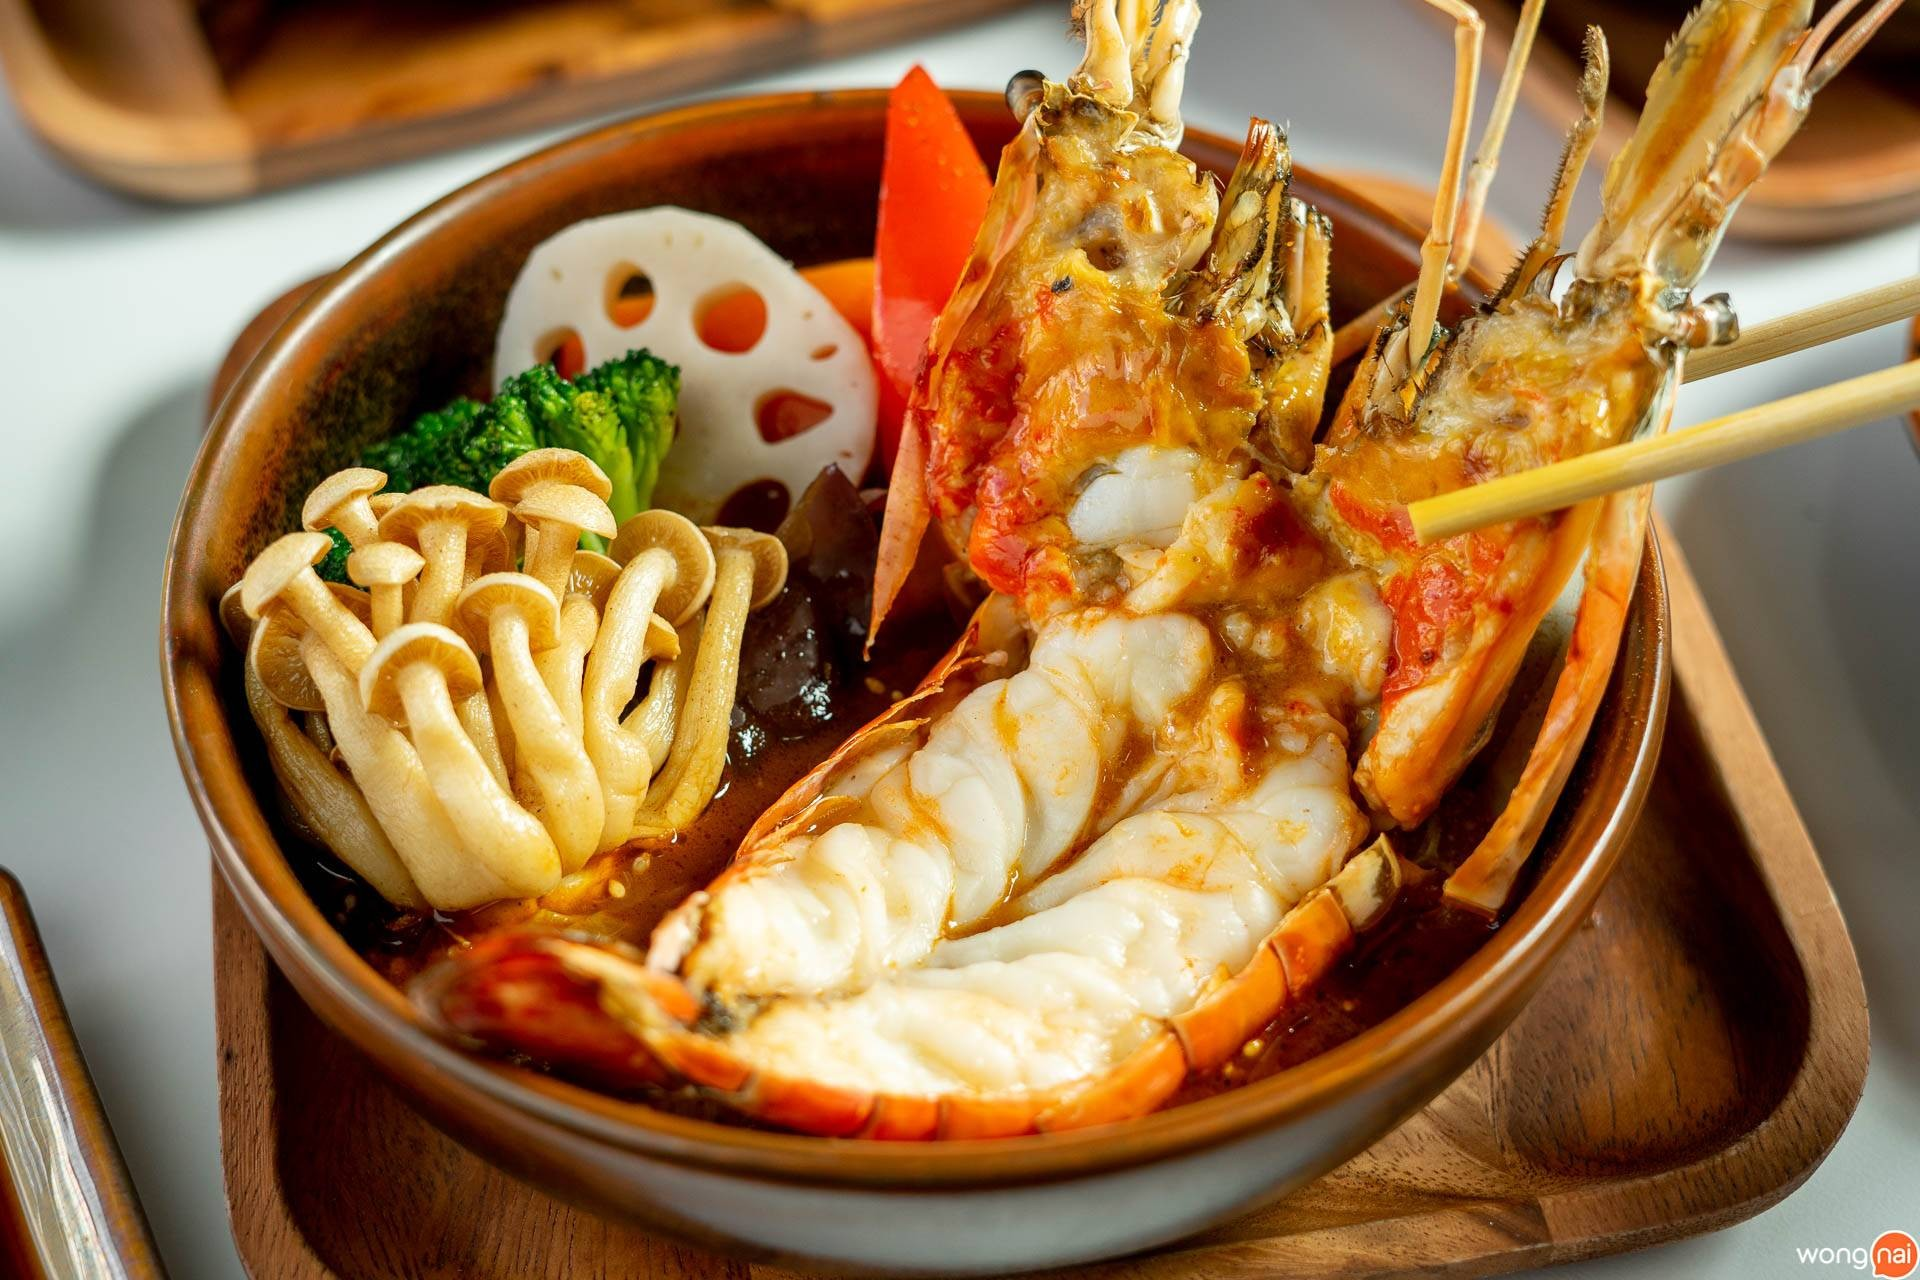 """เมนู """"ซุปแกงกะหรี่กุ้งแม่น้ำ"""" ของร้าน """"Garaku"""""""